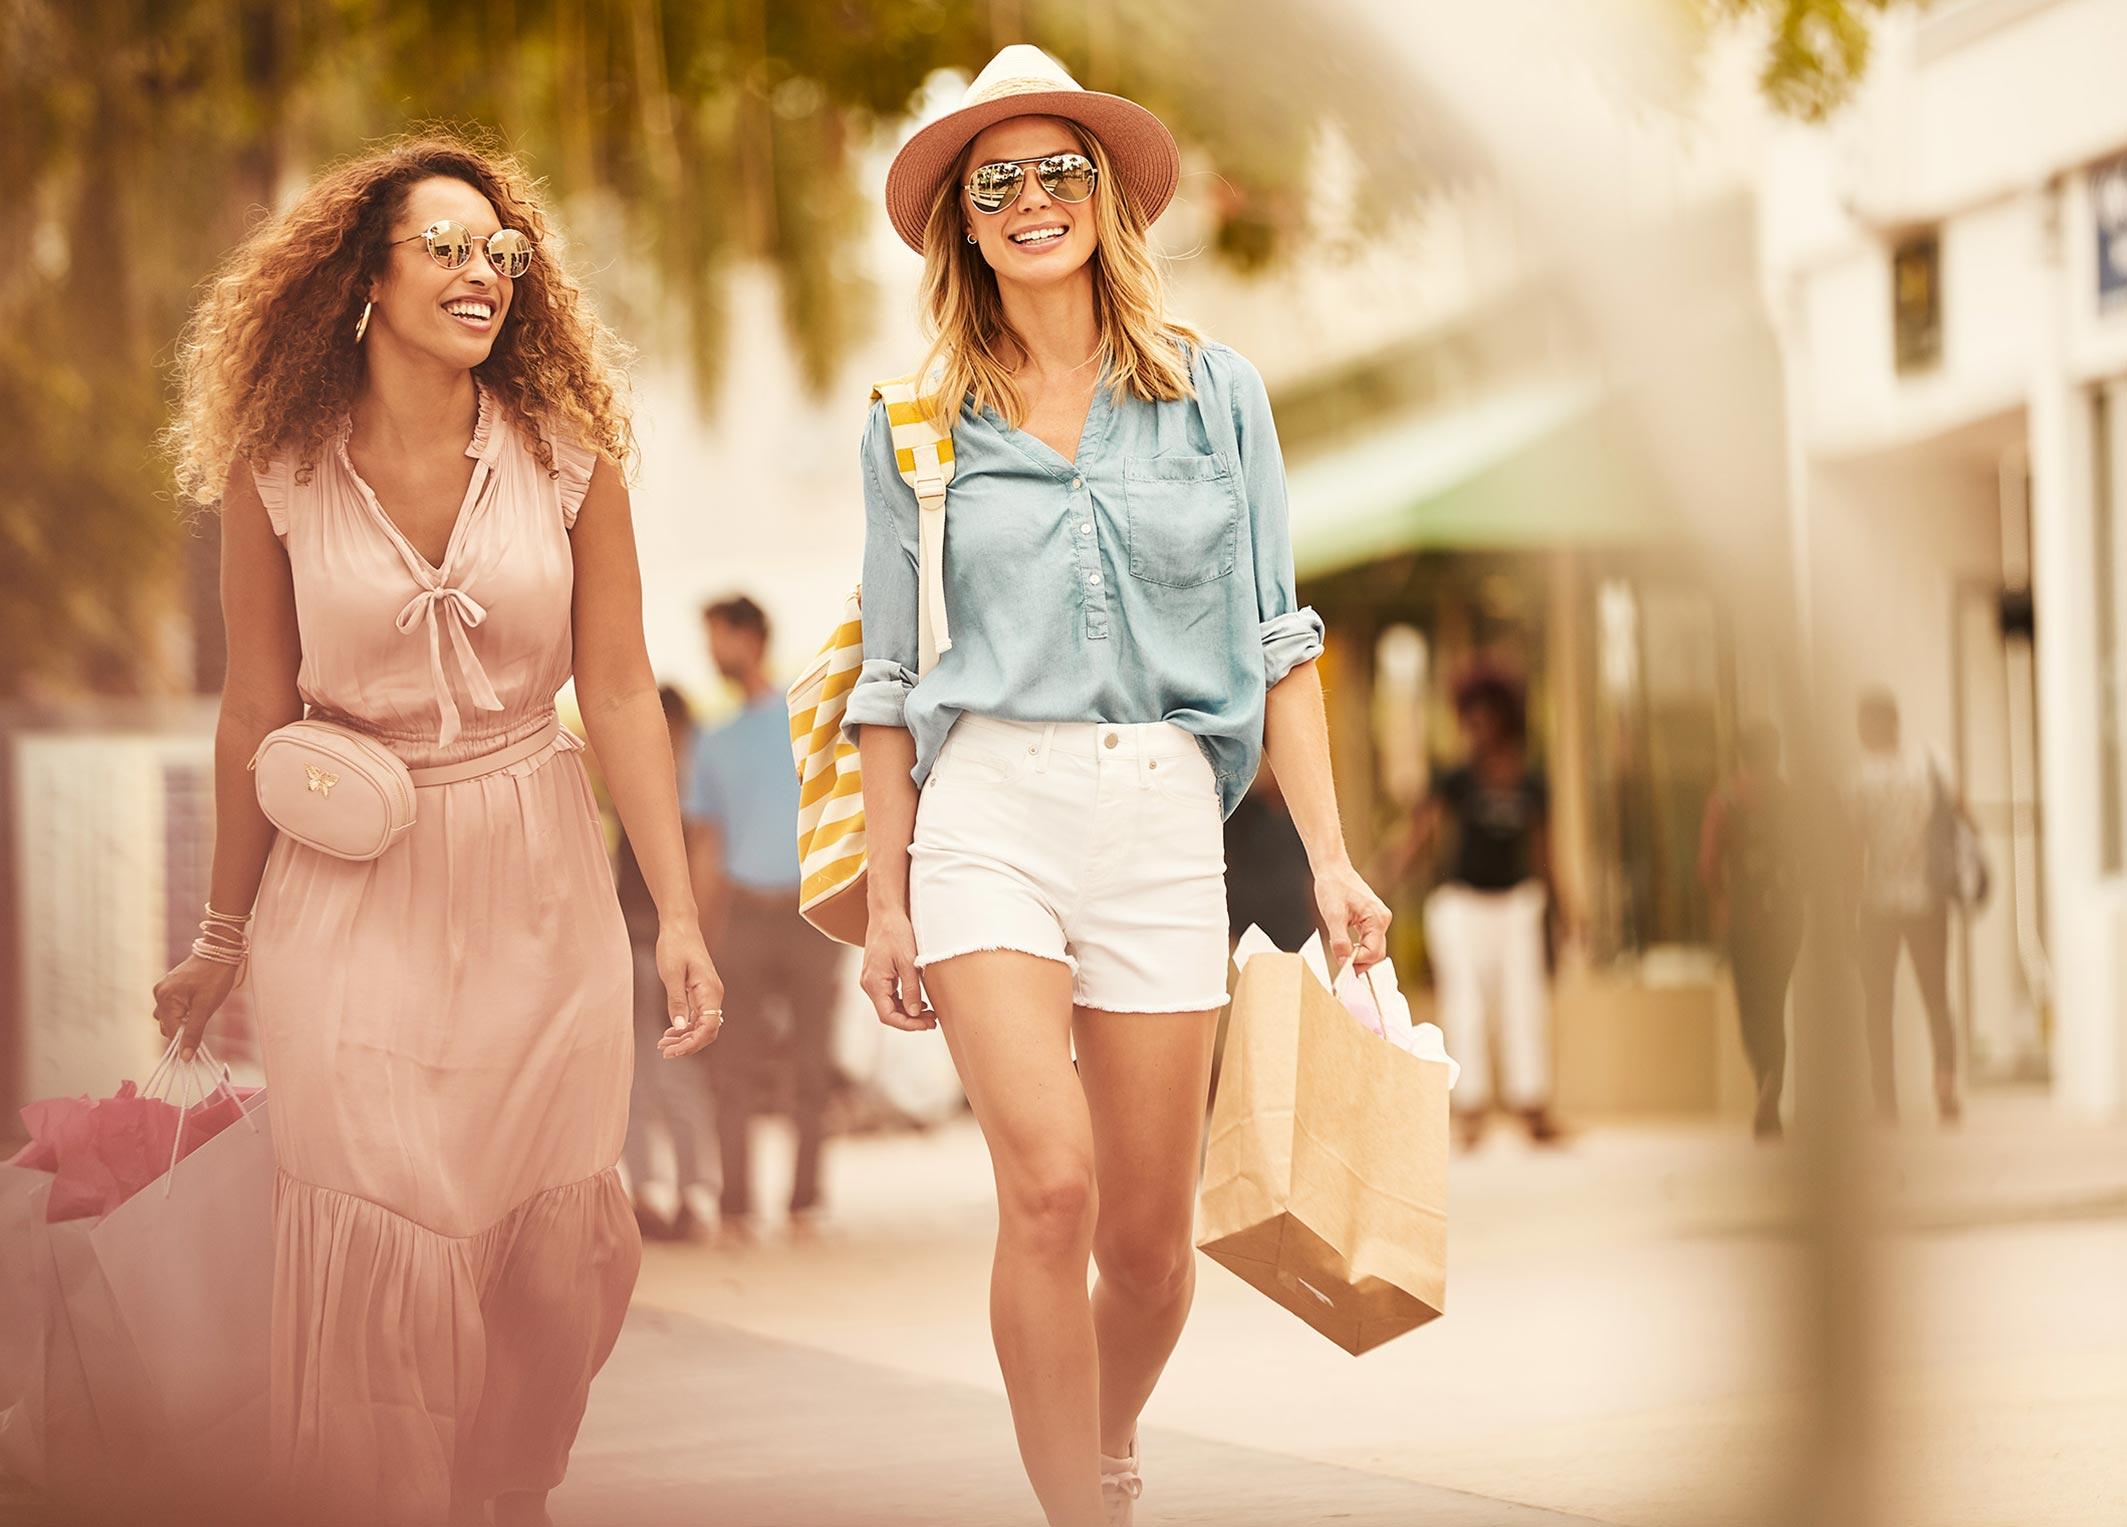 рекламная кампания вина Sunseeker Rose / фото 16